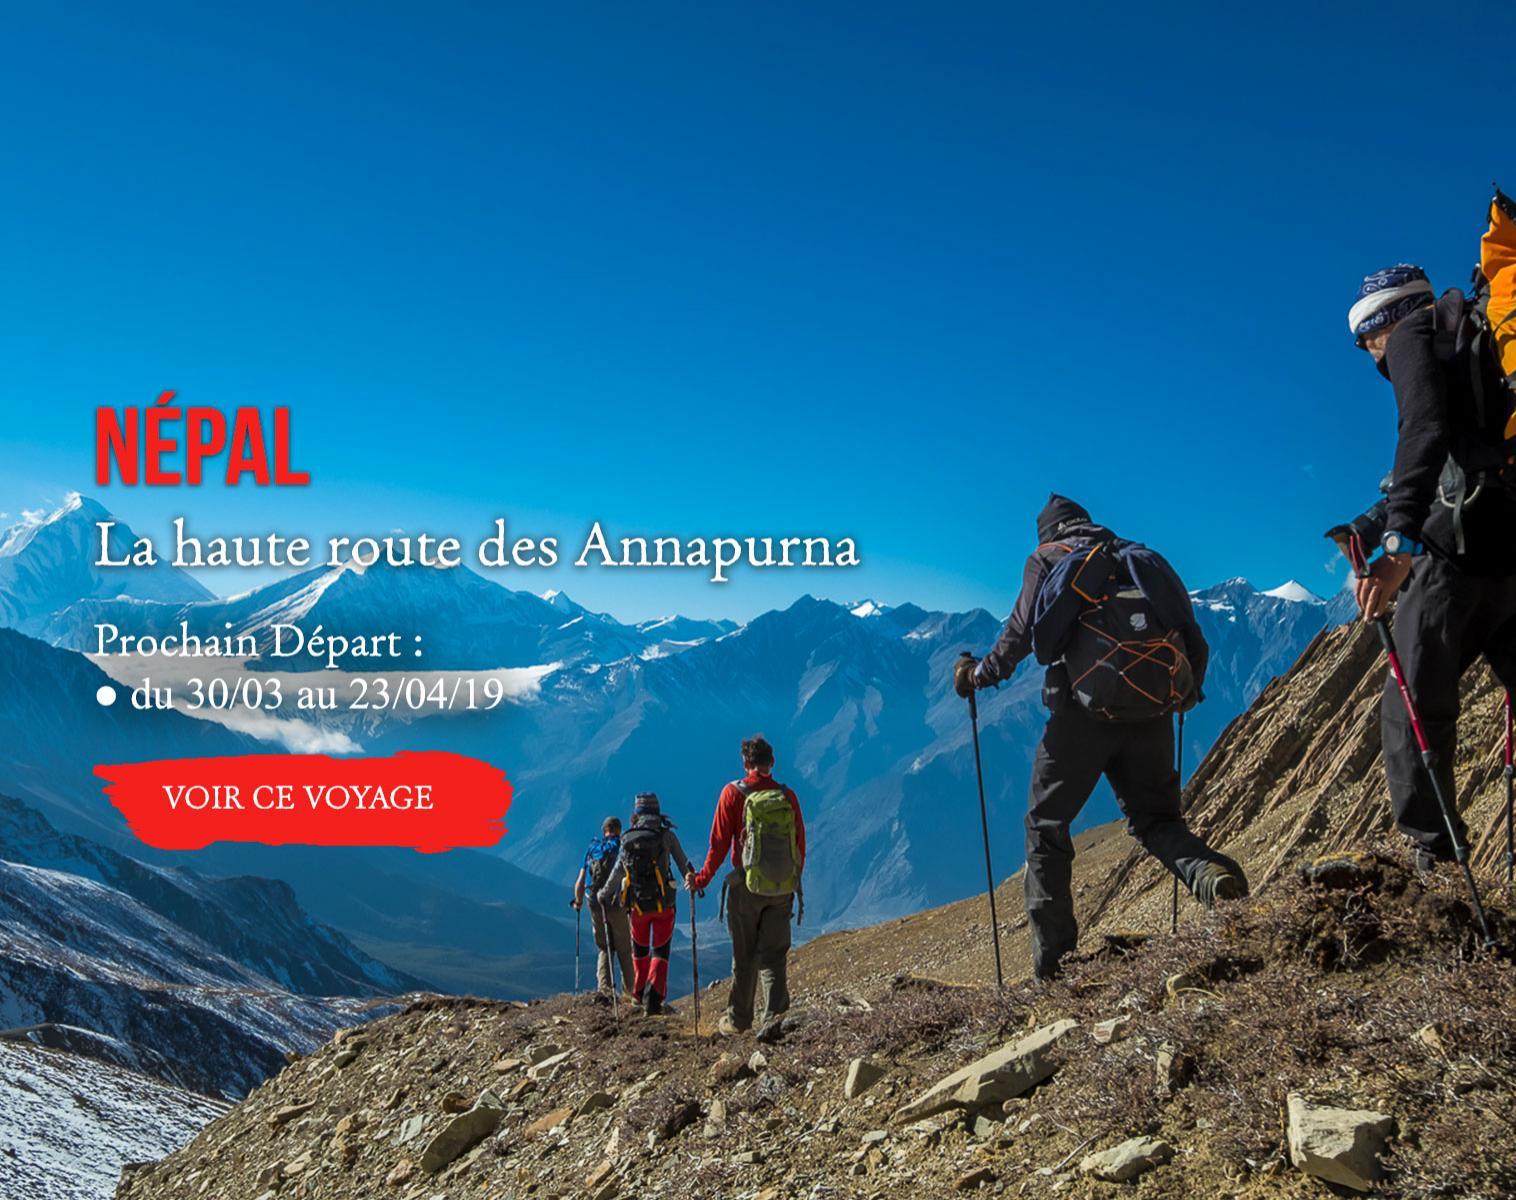 Népal, La haute route des Annapurna